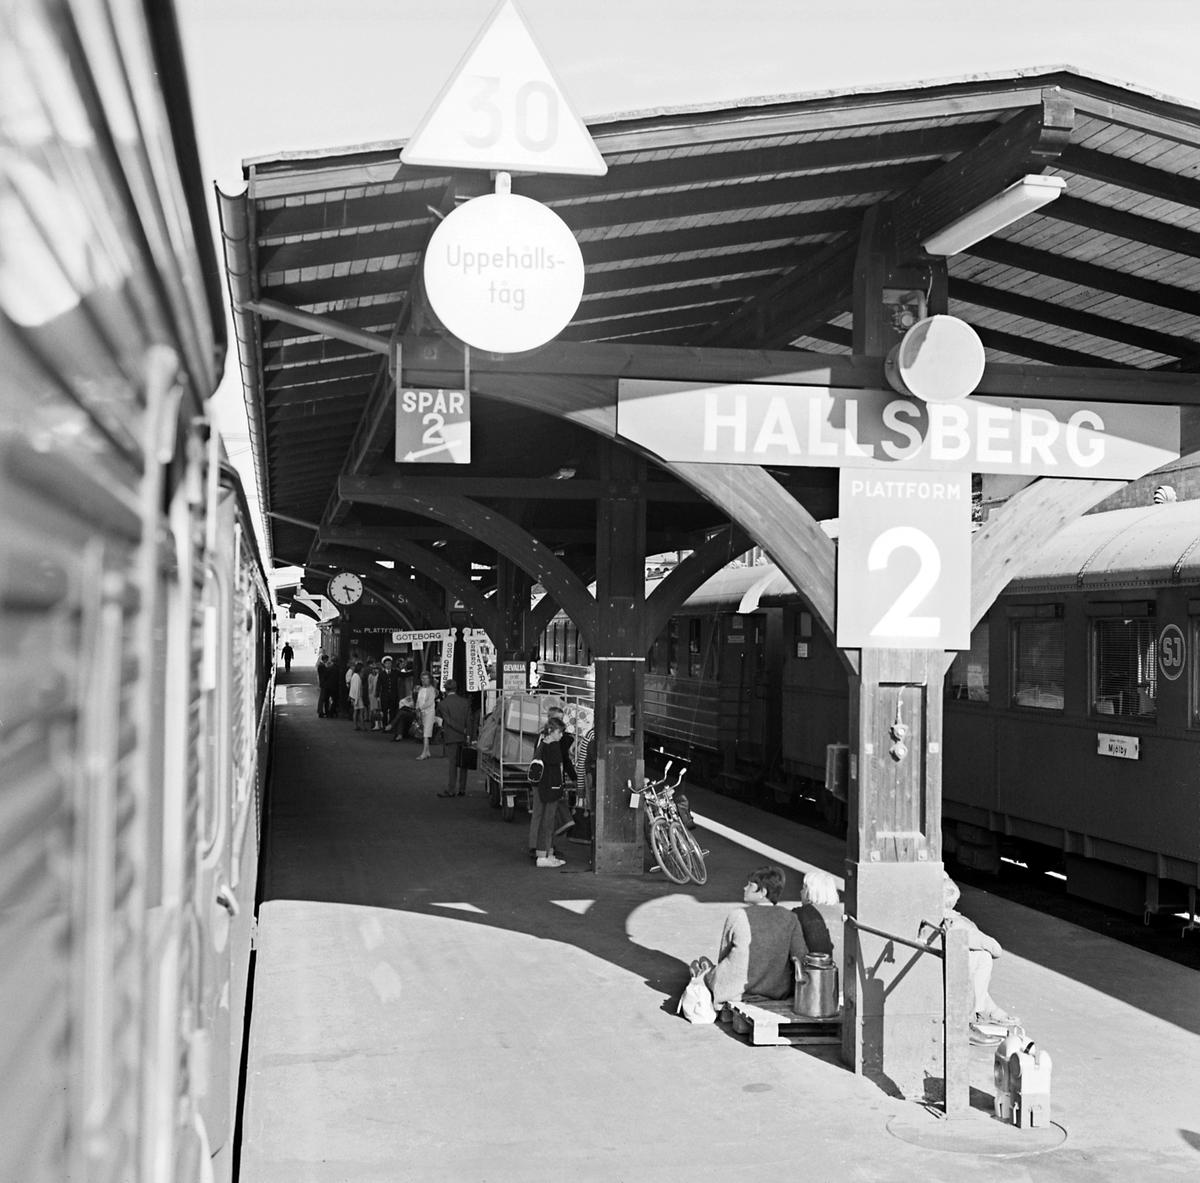 Tågföring, reportage